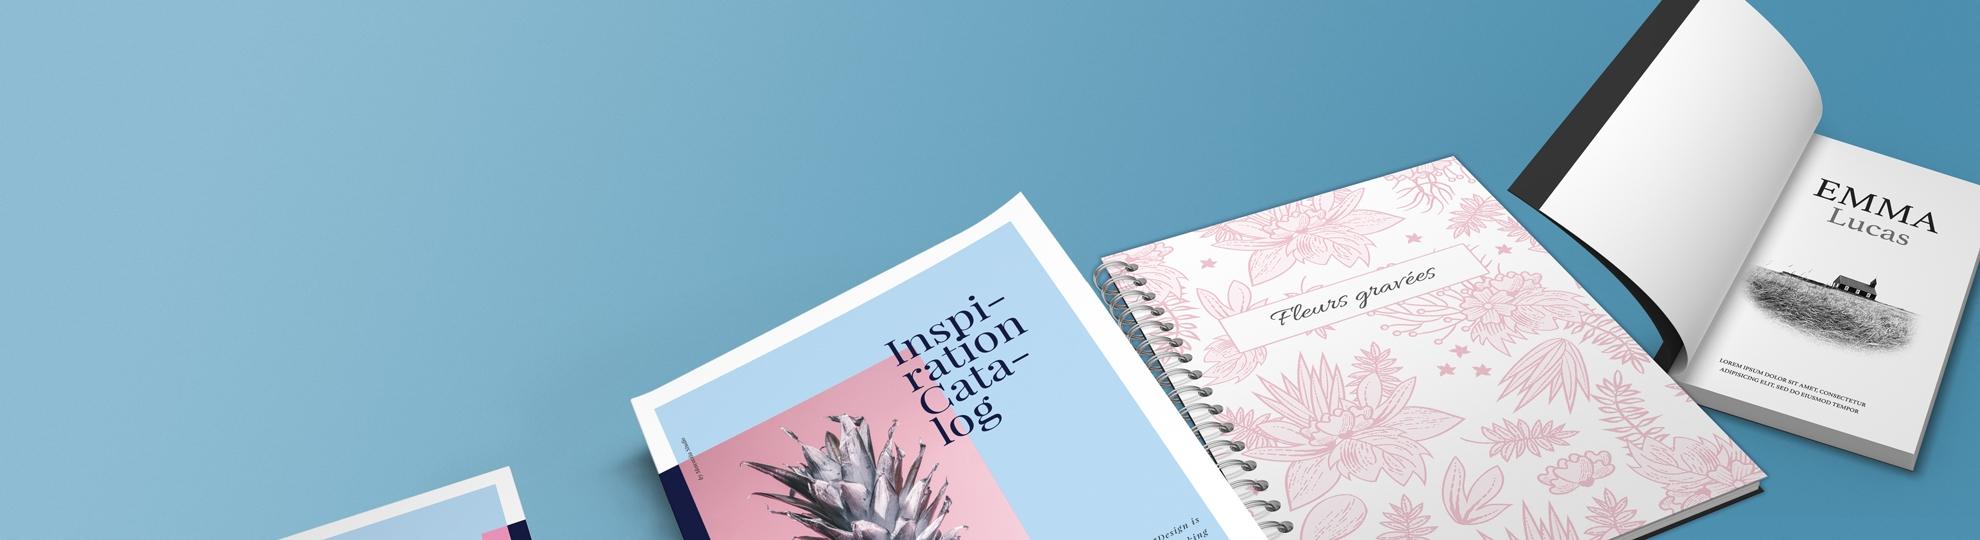 Impression brochures et livrets personnalisés